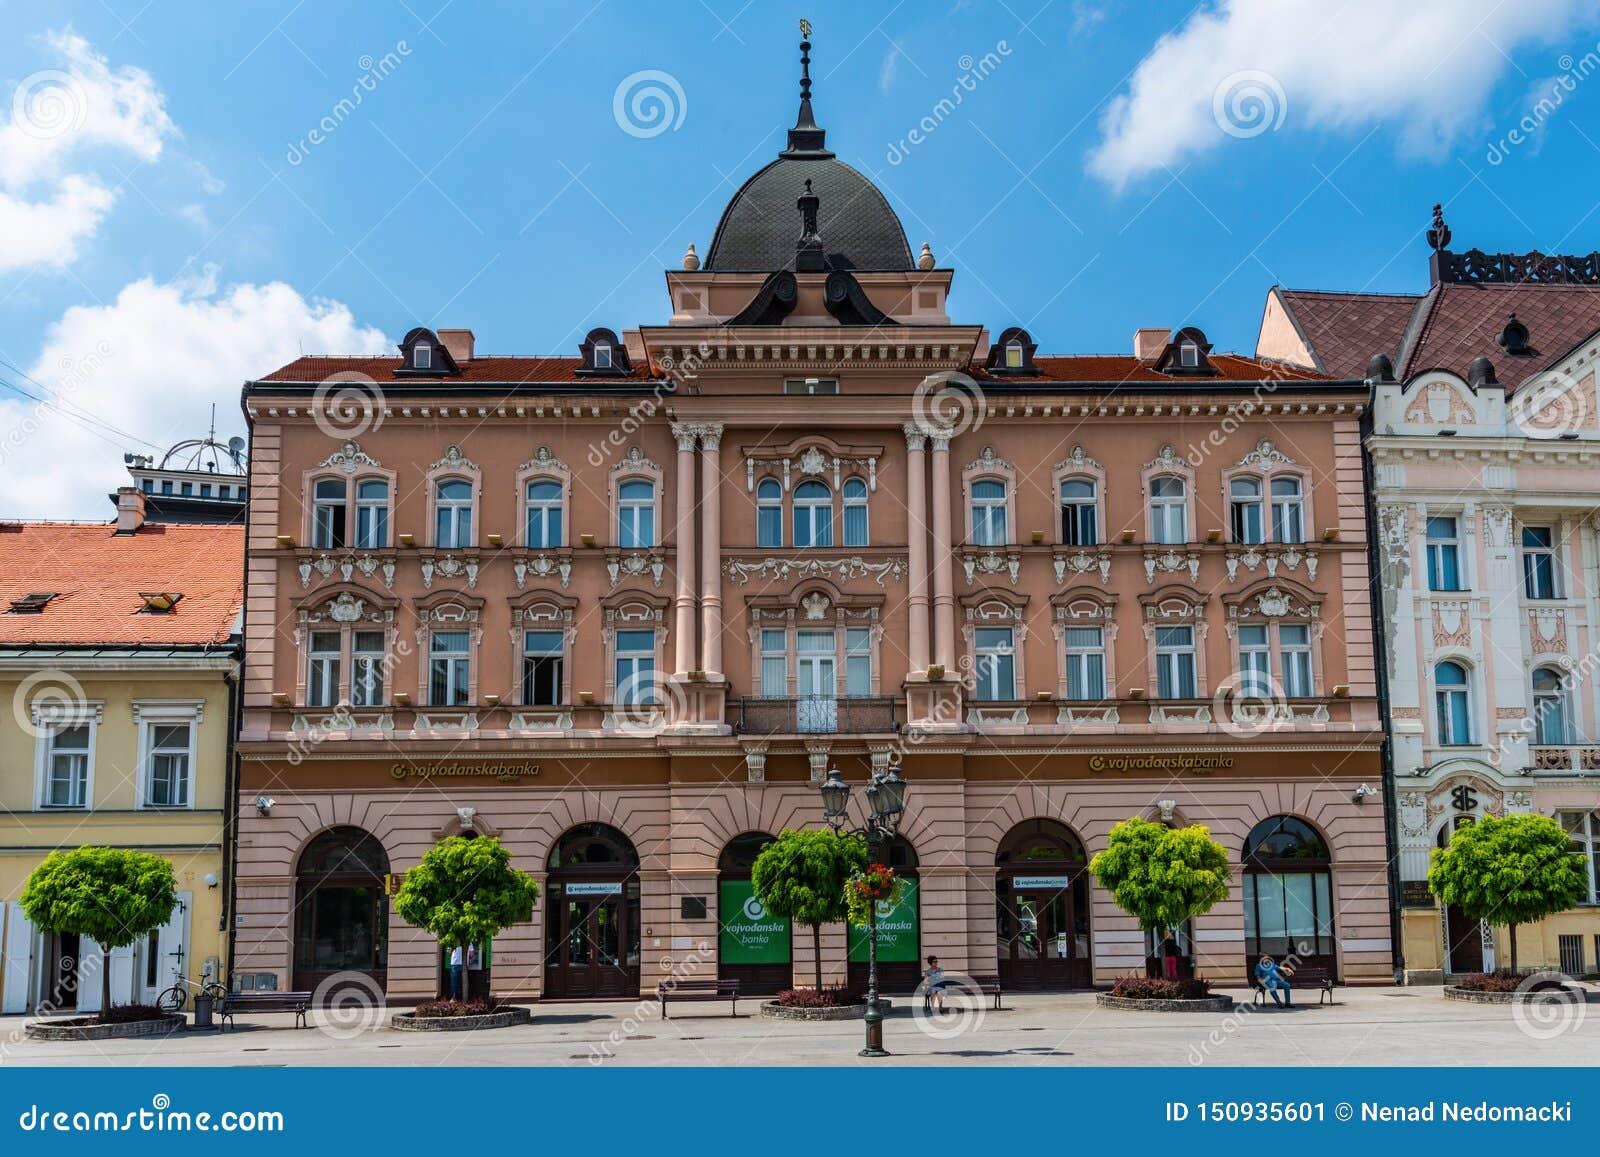 Grand Hotel Majer Vojvodjanska Banka on the central square in Novi Sad Serbia.